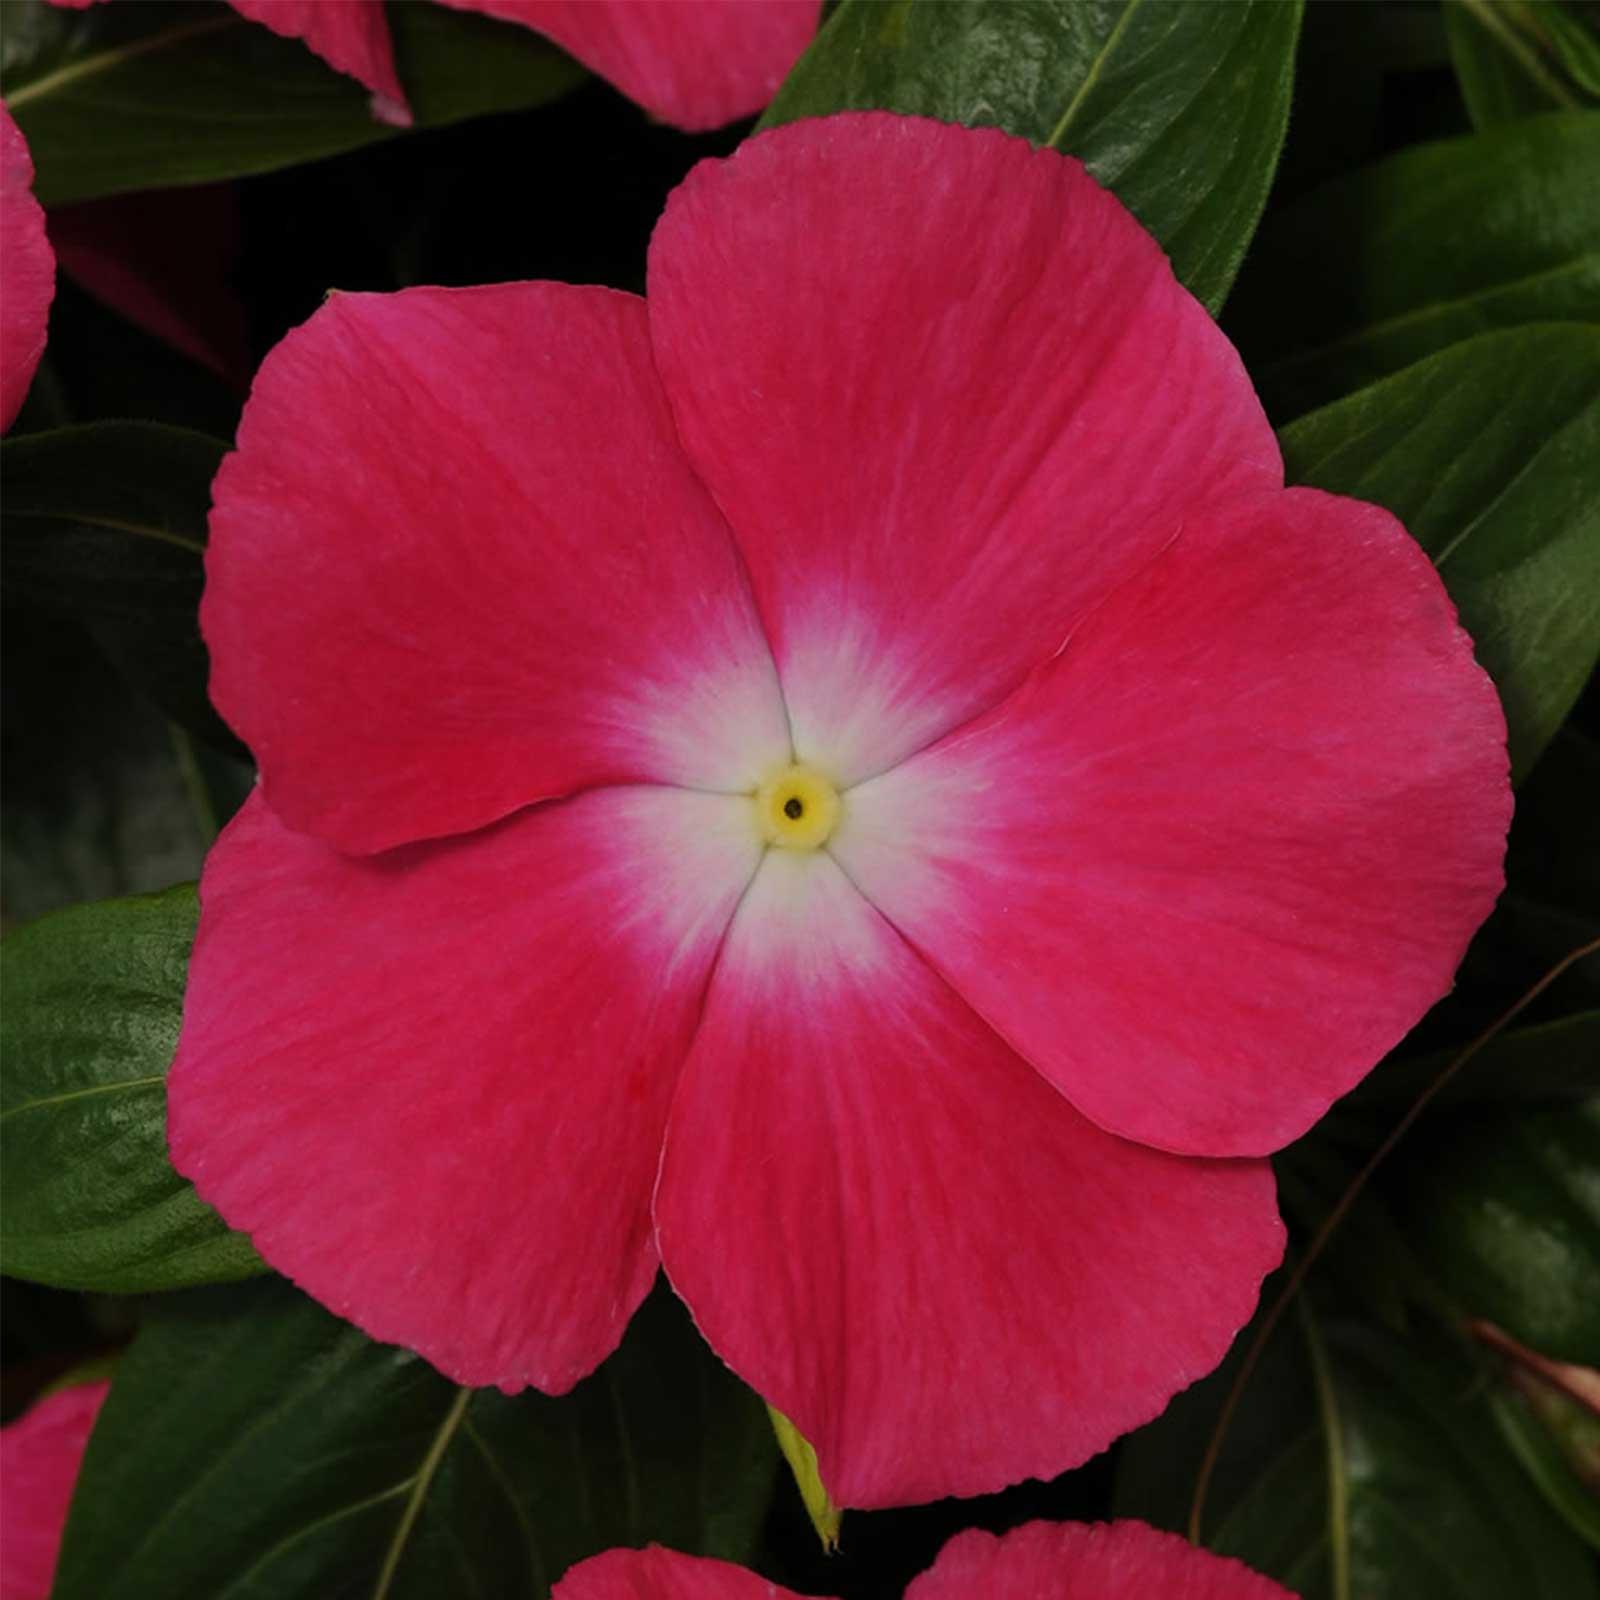 Vinca Flower Garden Seeds Mediterranean Xp Rose Halo 100 Seeds